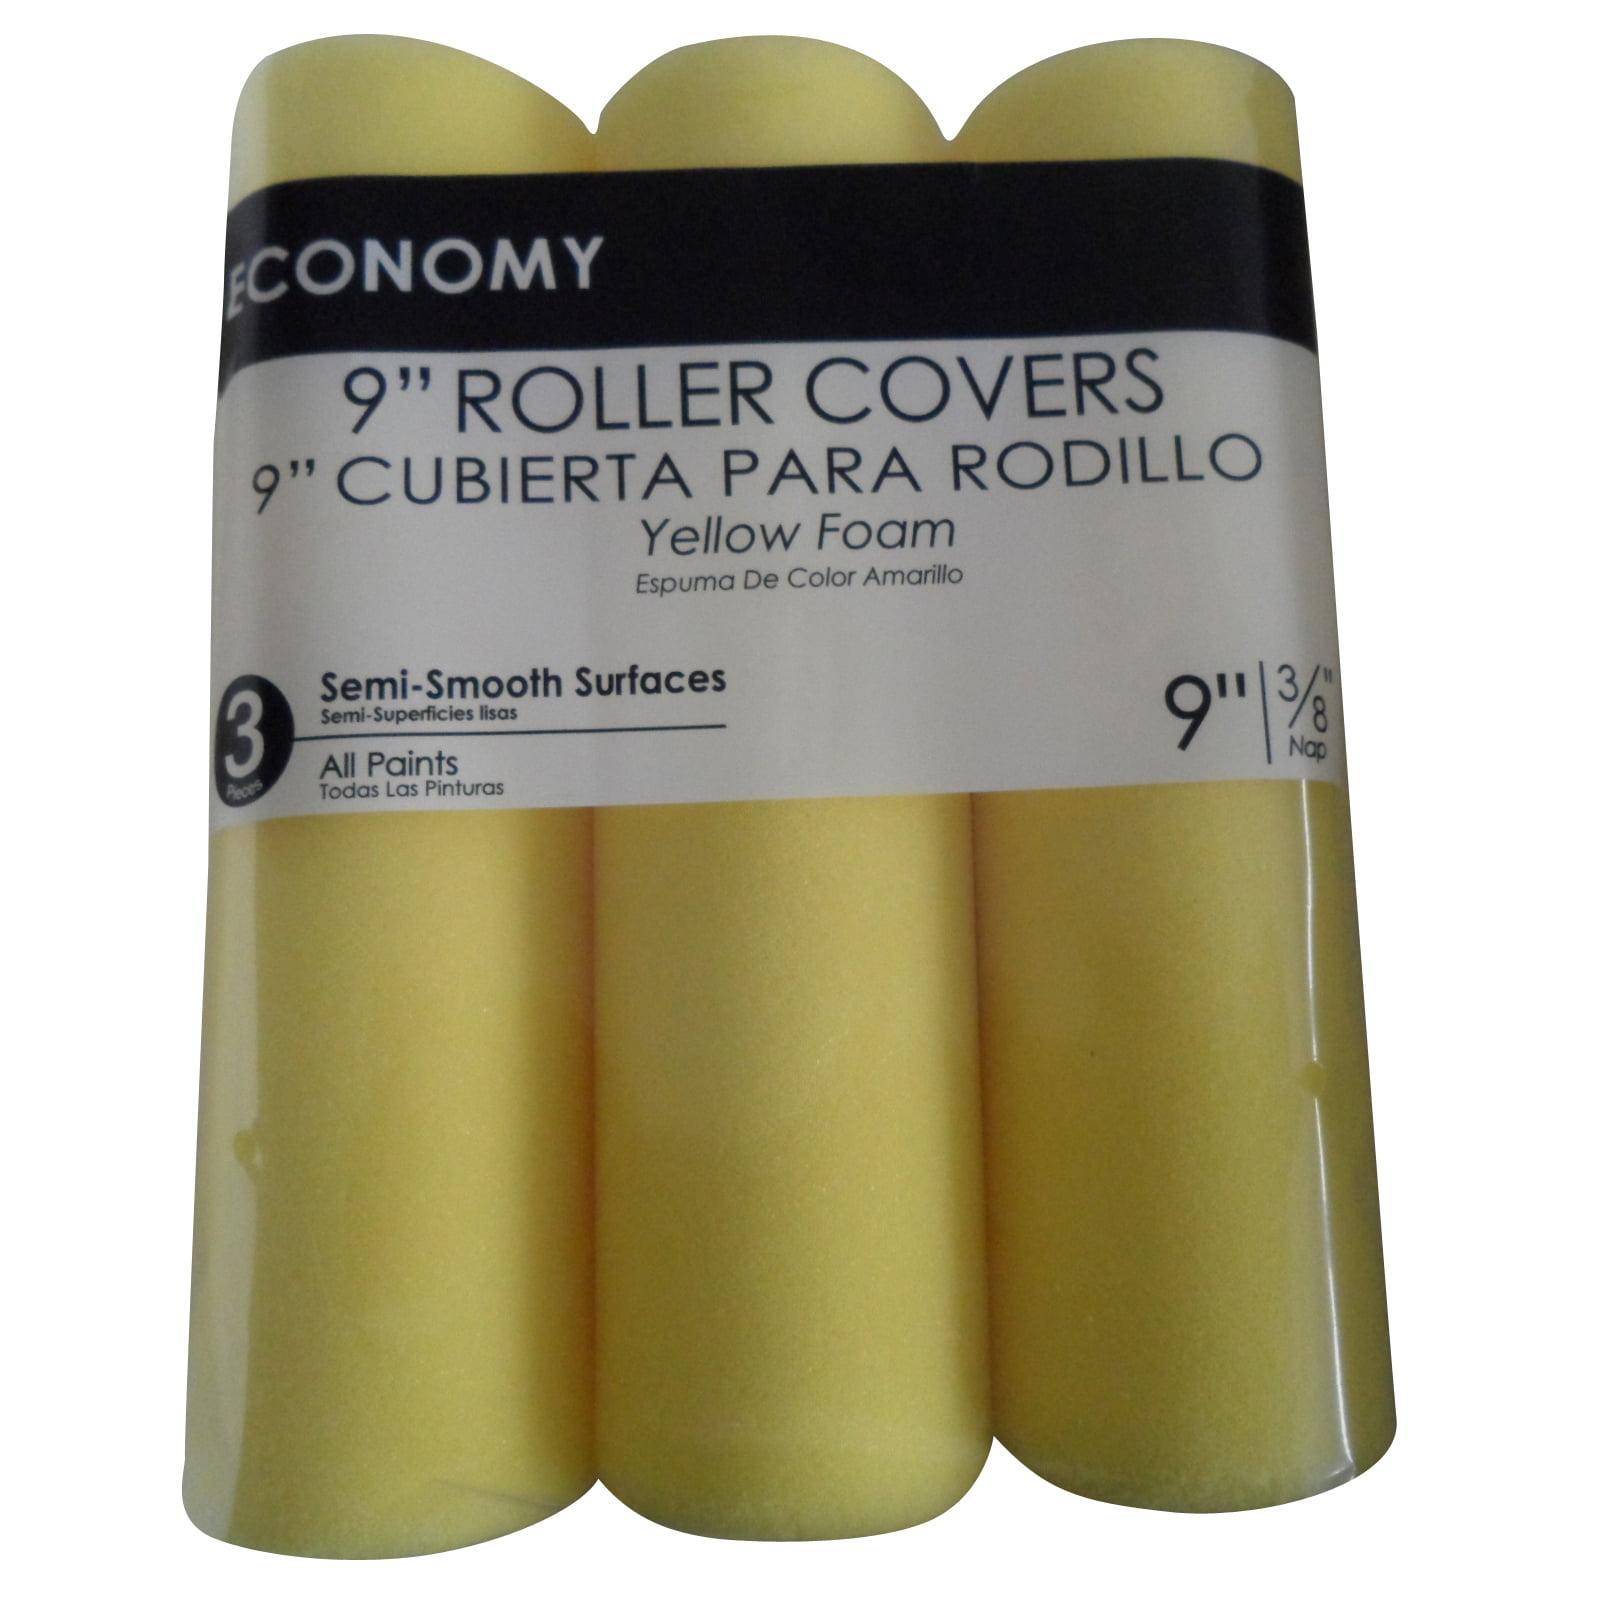 Economy Foam Roller Cover, 3pk